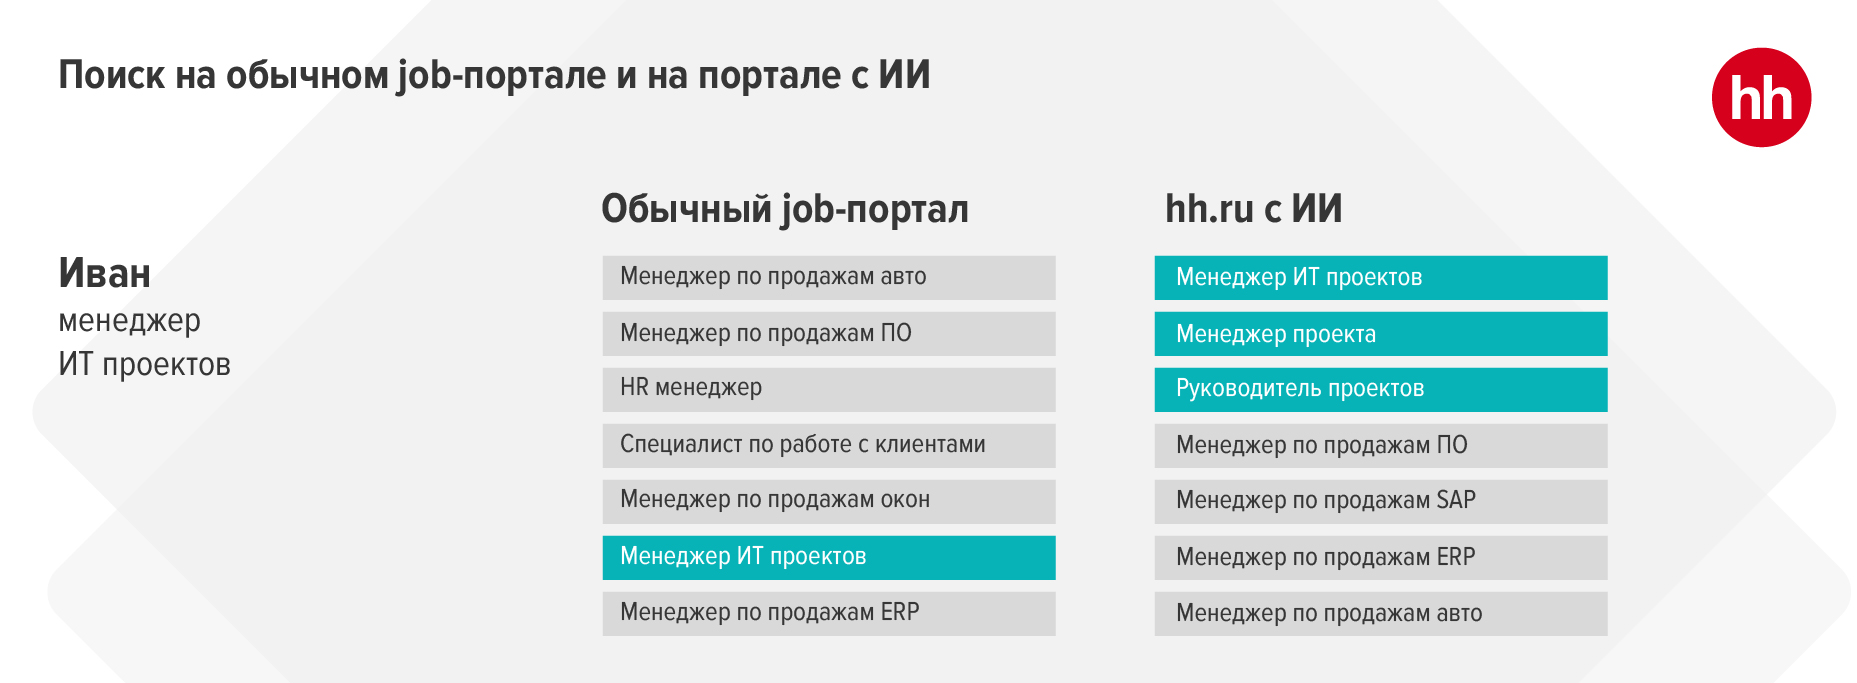 Как разместить вакансию на  jobs.day.az, чтобы на нее пришло больше откликов